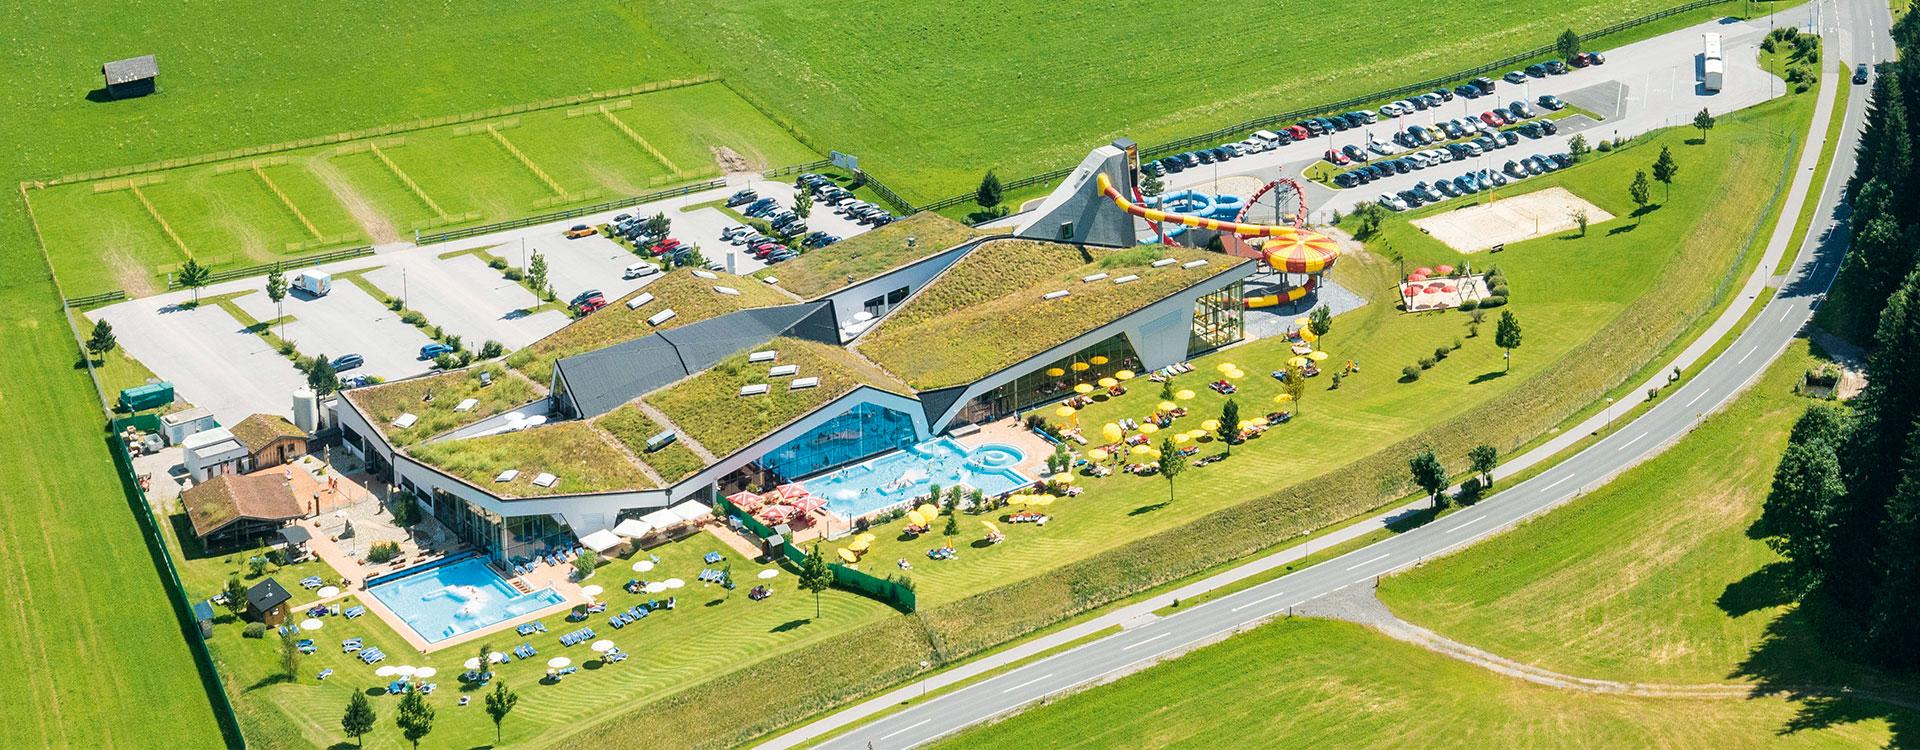 Anreise & Lage - Erlebnis-Therme Amadé in Altenmarkt im Pongau, Salzburger Land